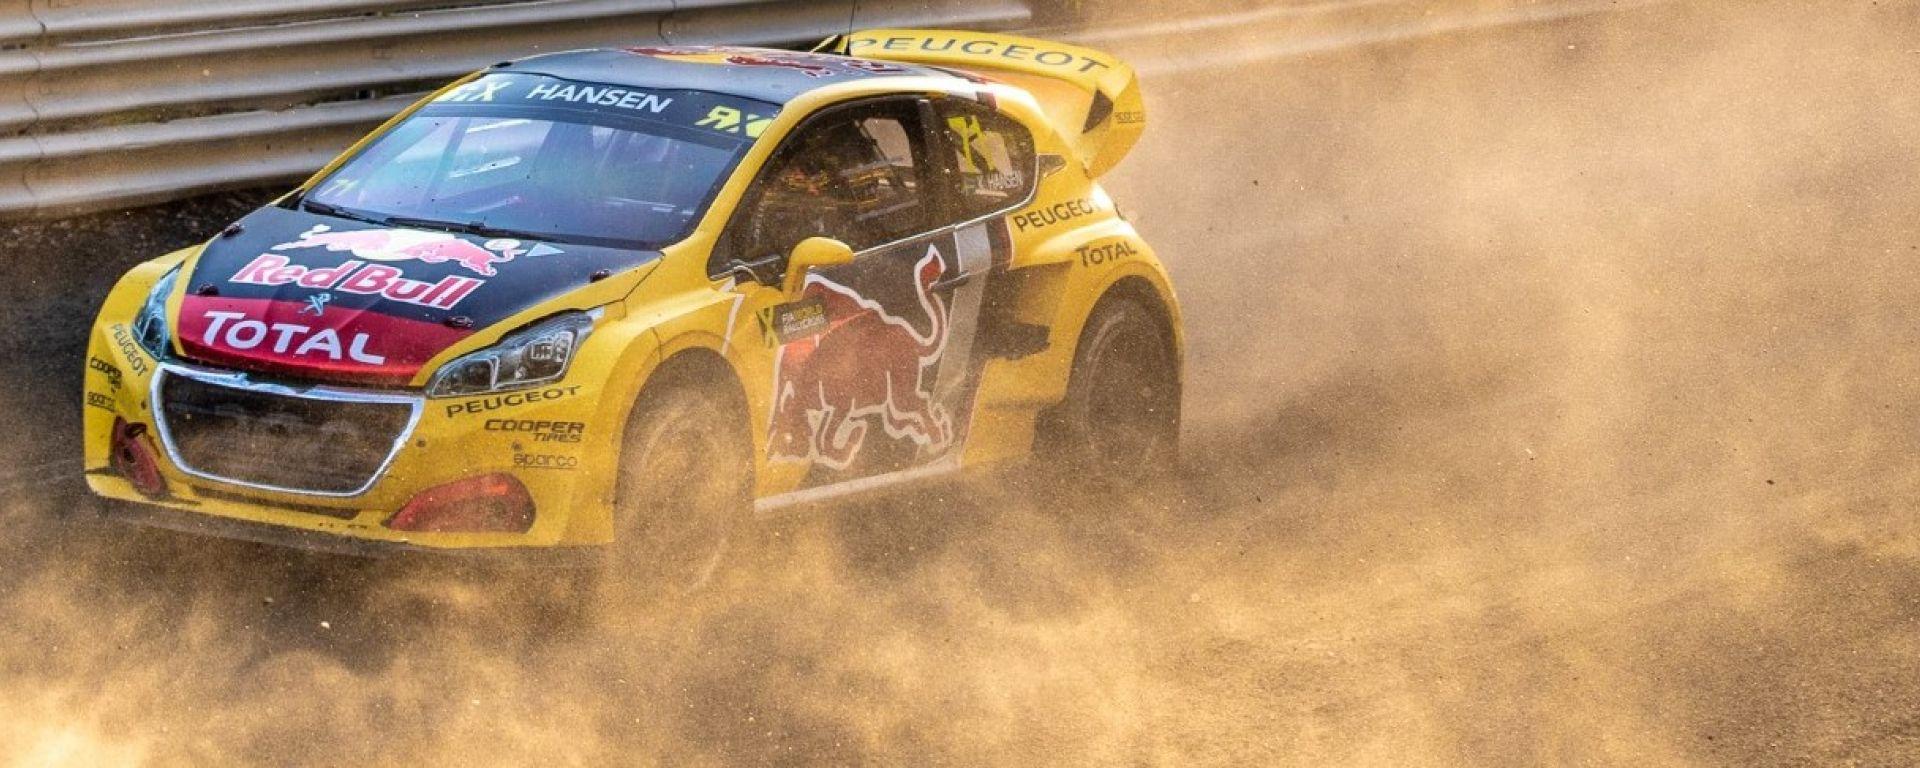 Rallycross 2018: solo il sesto posto per Hansen a Buxtehude